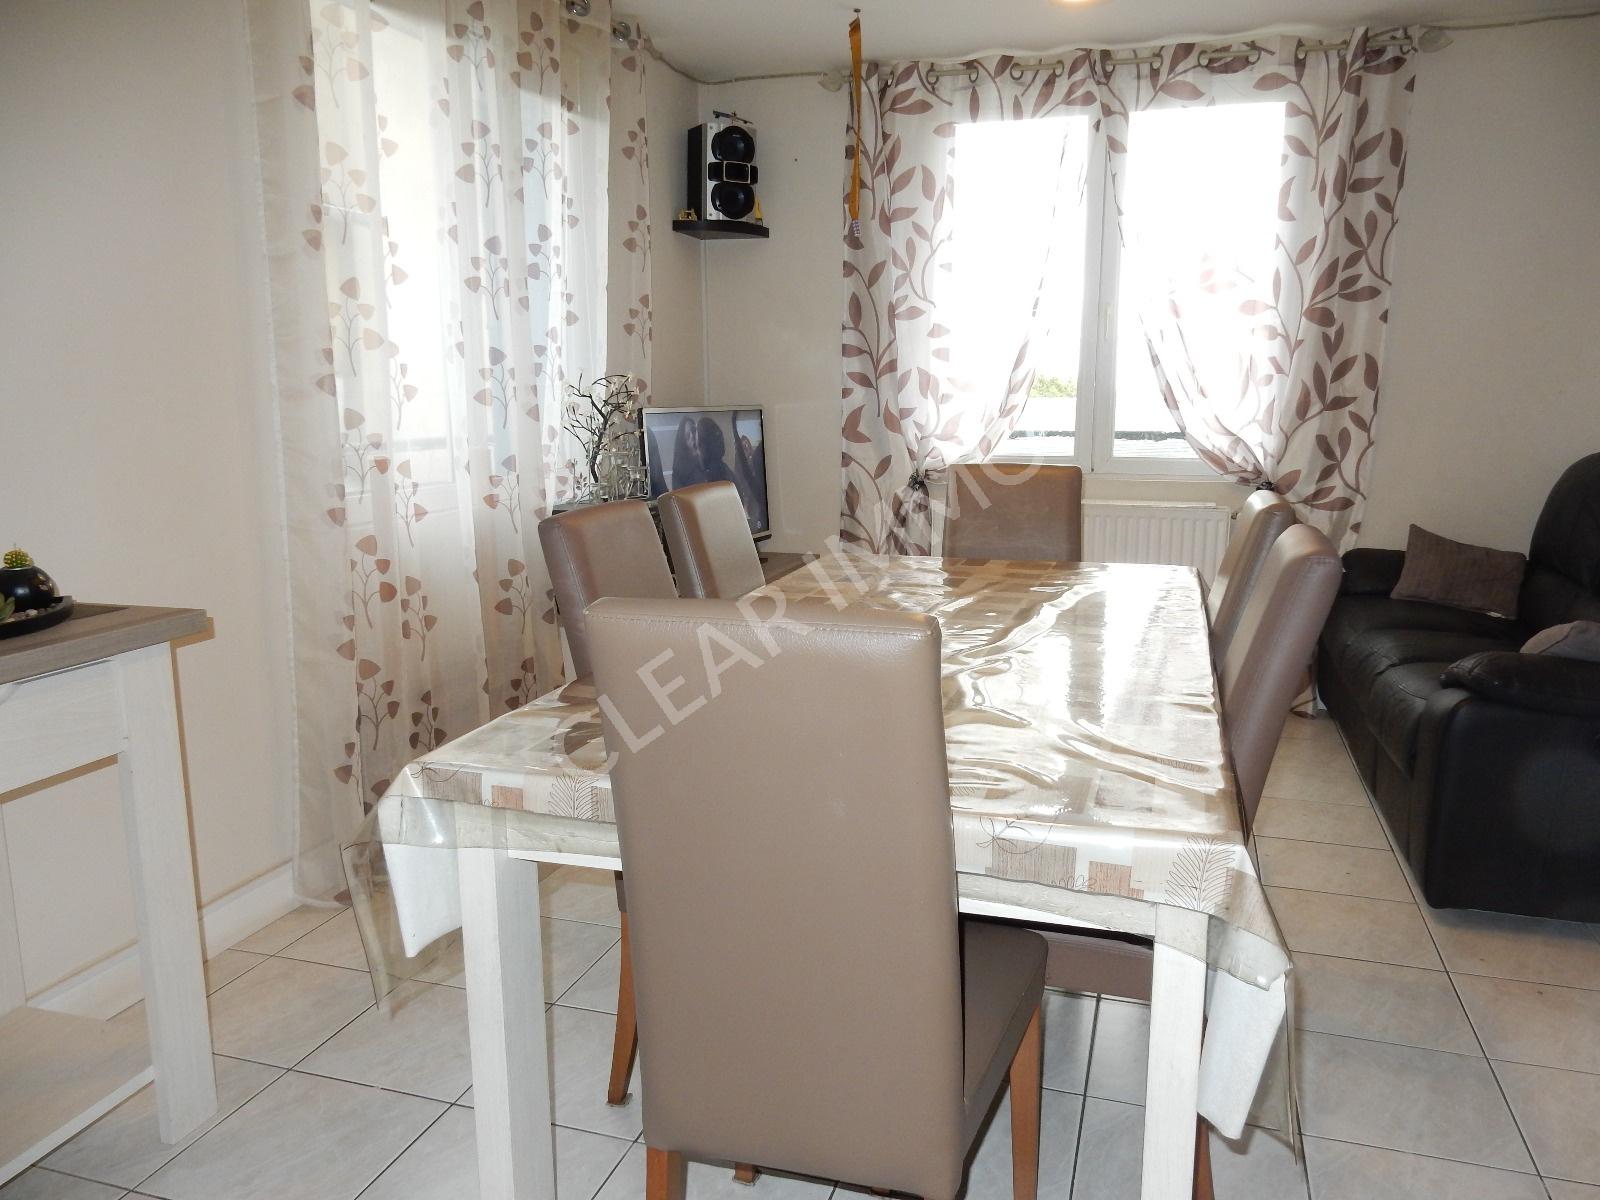 Offres de location Appartement Piennes (54490)